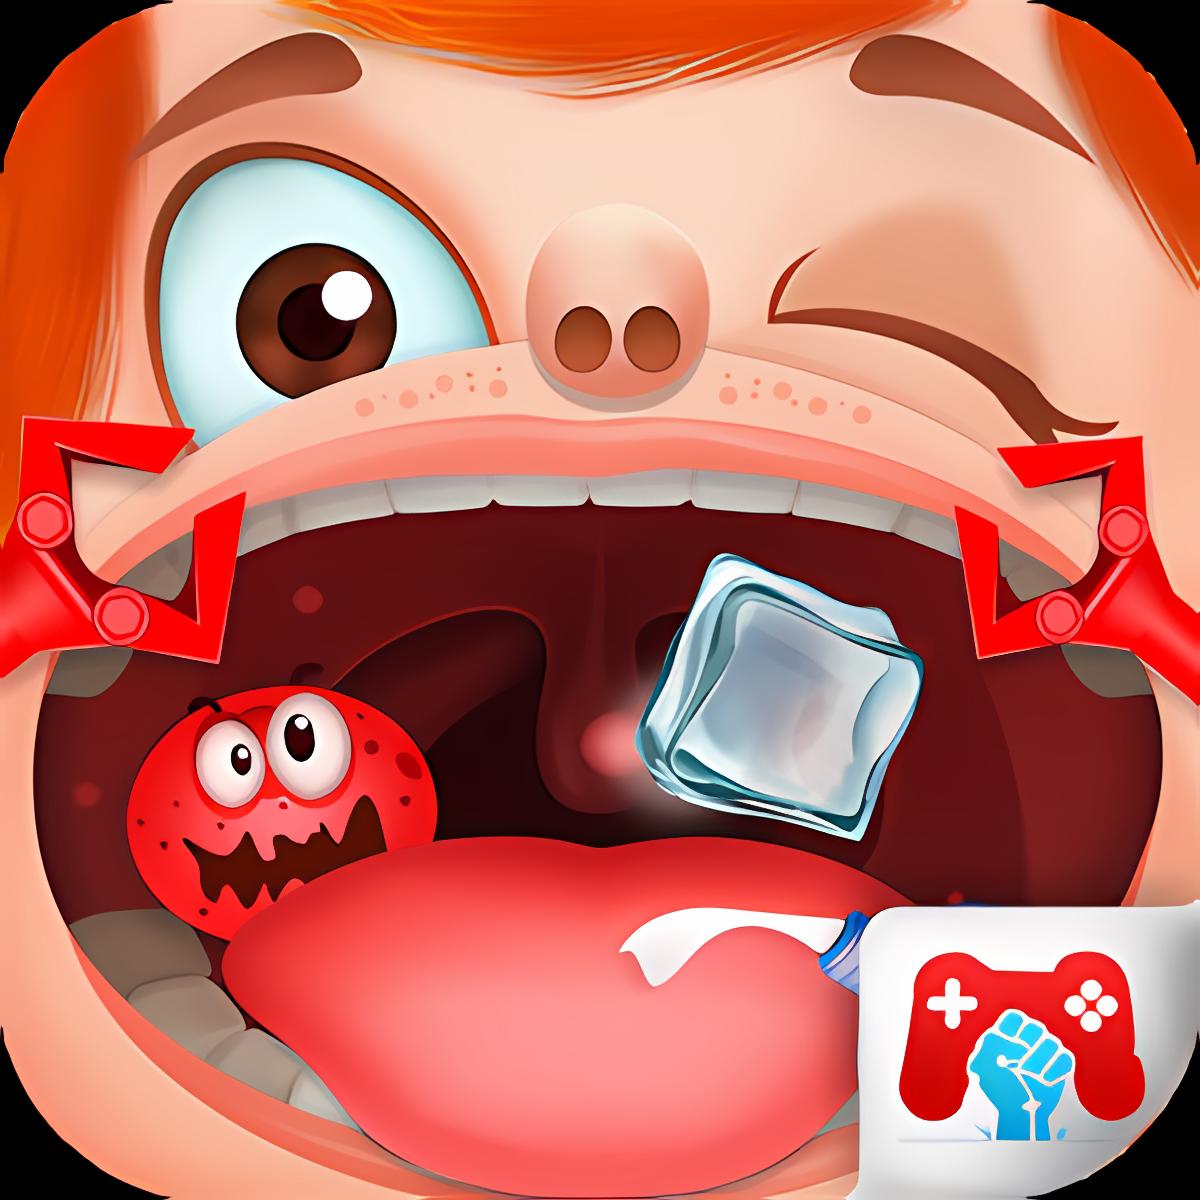 La cirugía de garganta